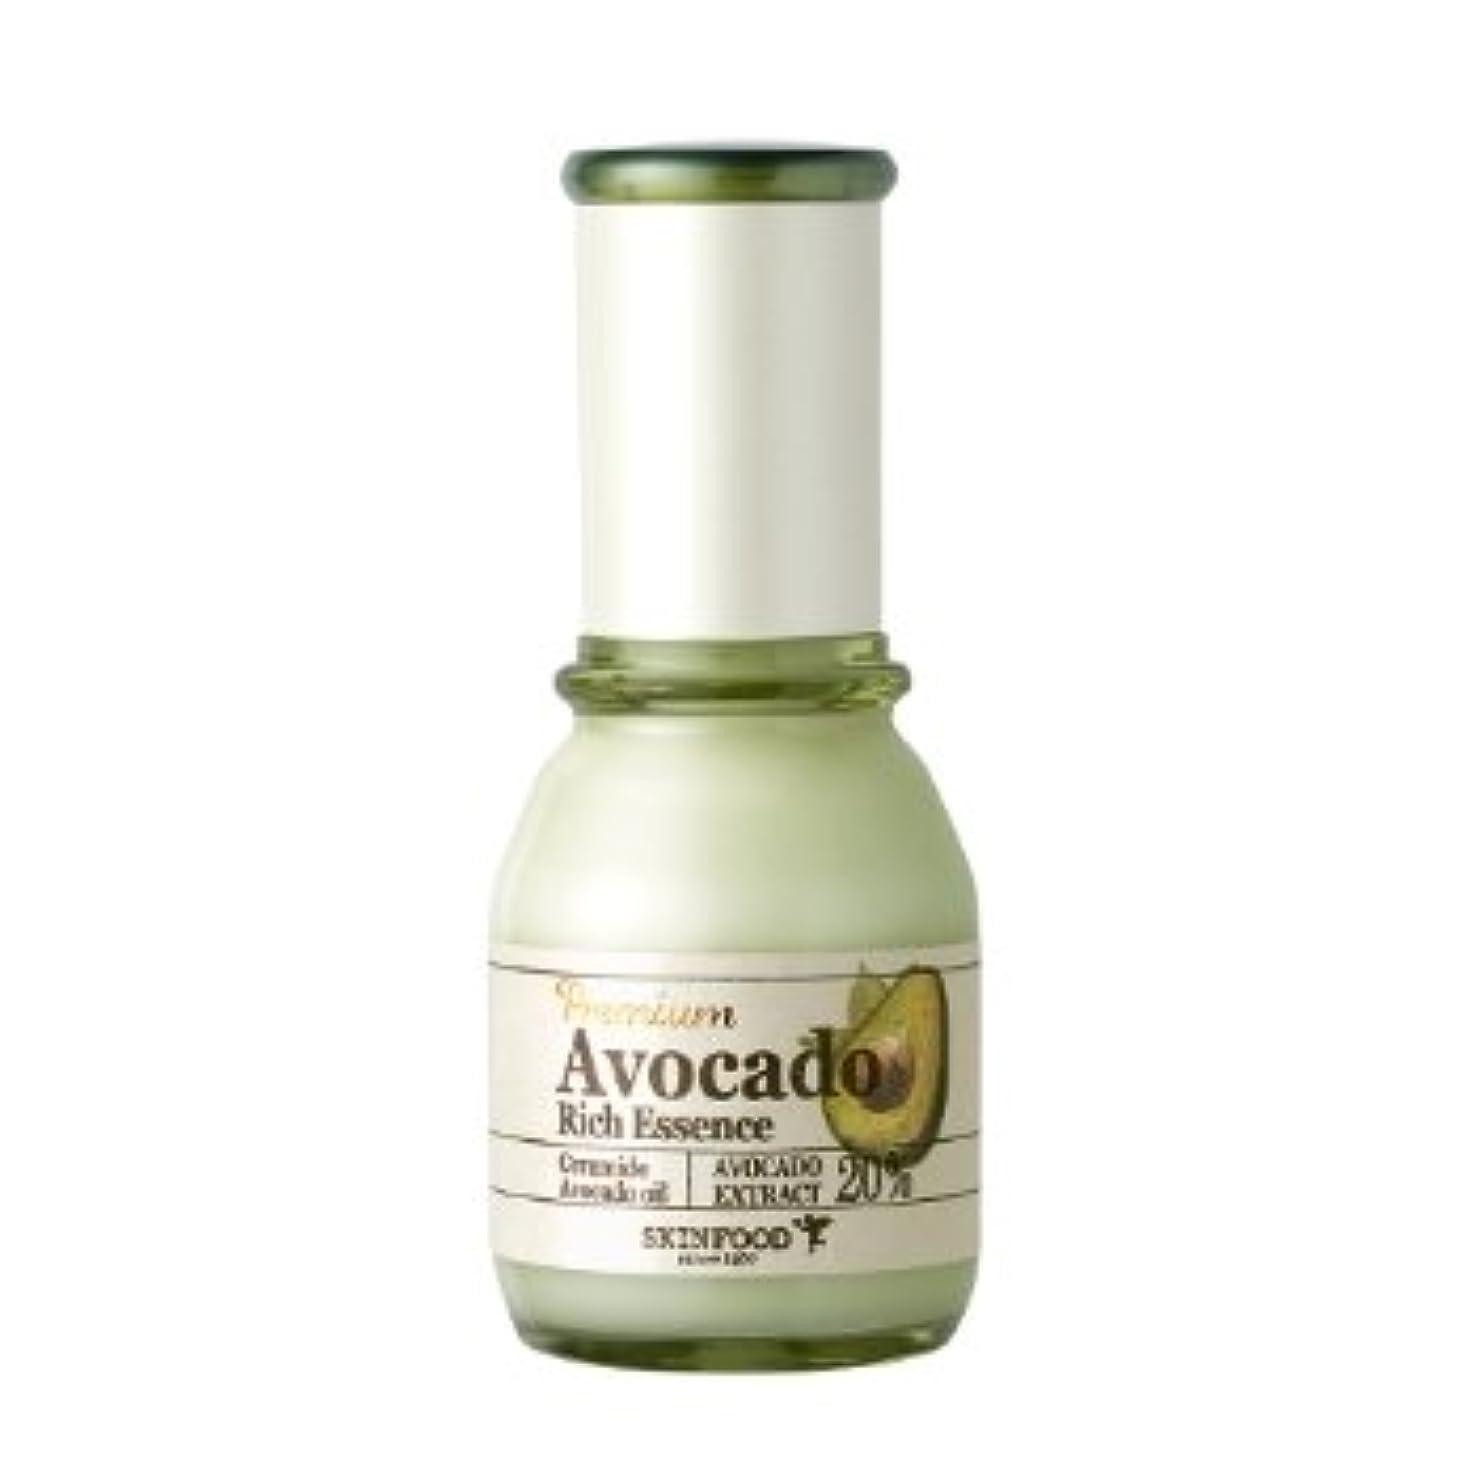 キモい優先ベッドスキンフード [Skin Food] プレミアム アボカド リーチ エッセンス 50ml / Premium Avocado Rich Essence 海外直送品